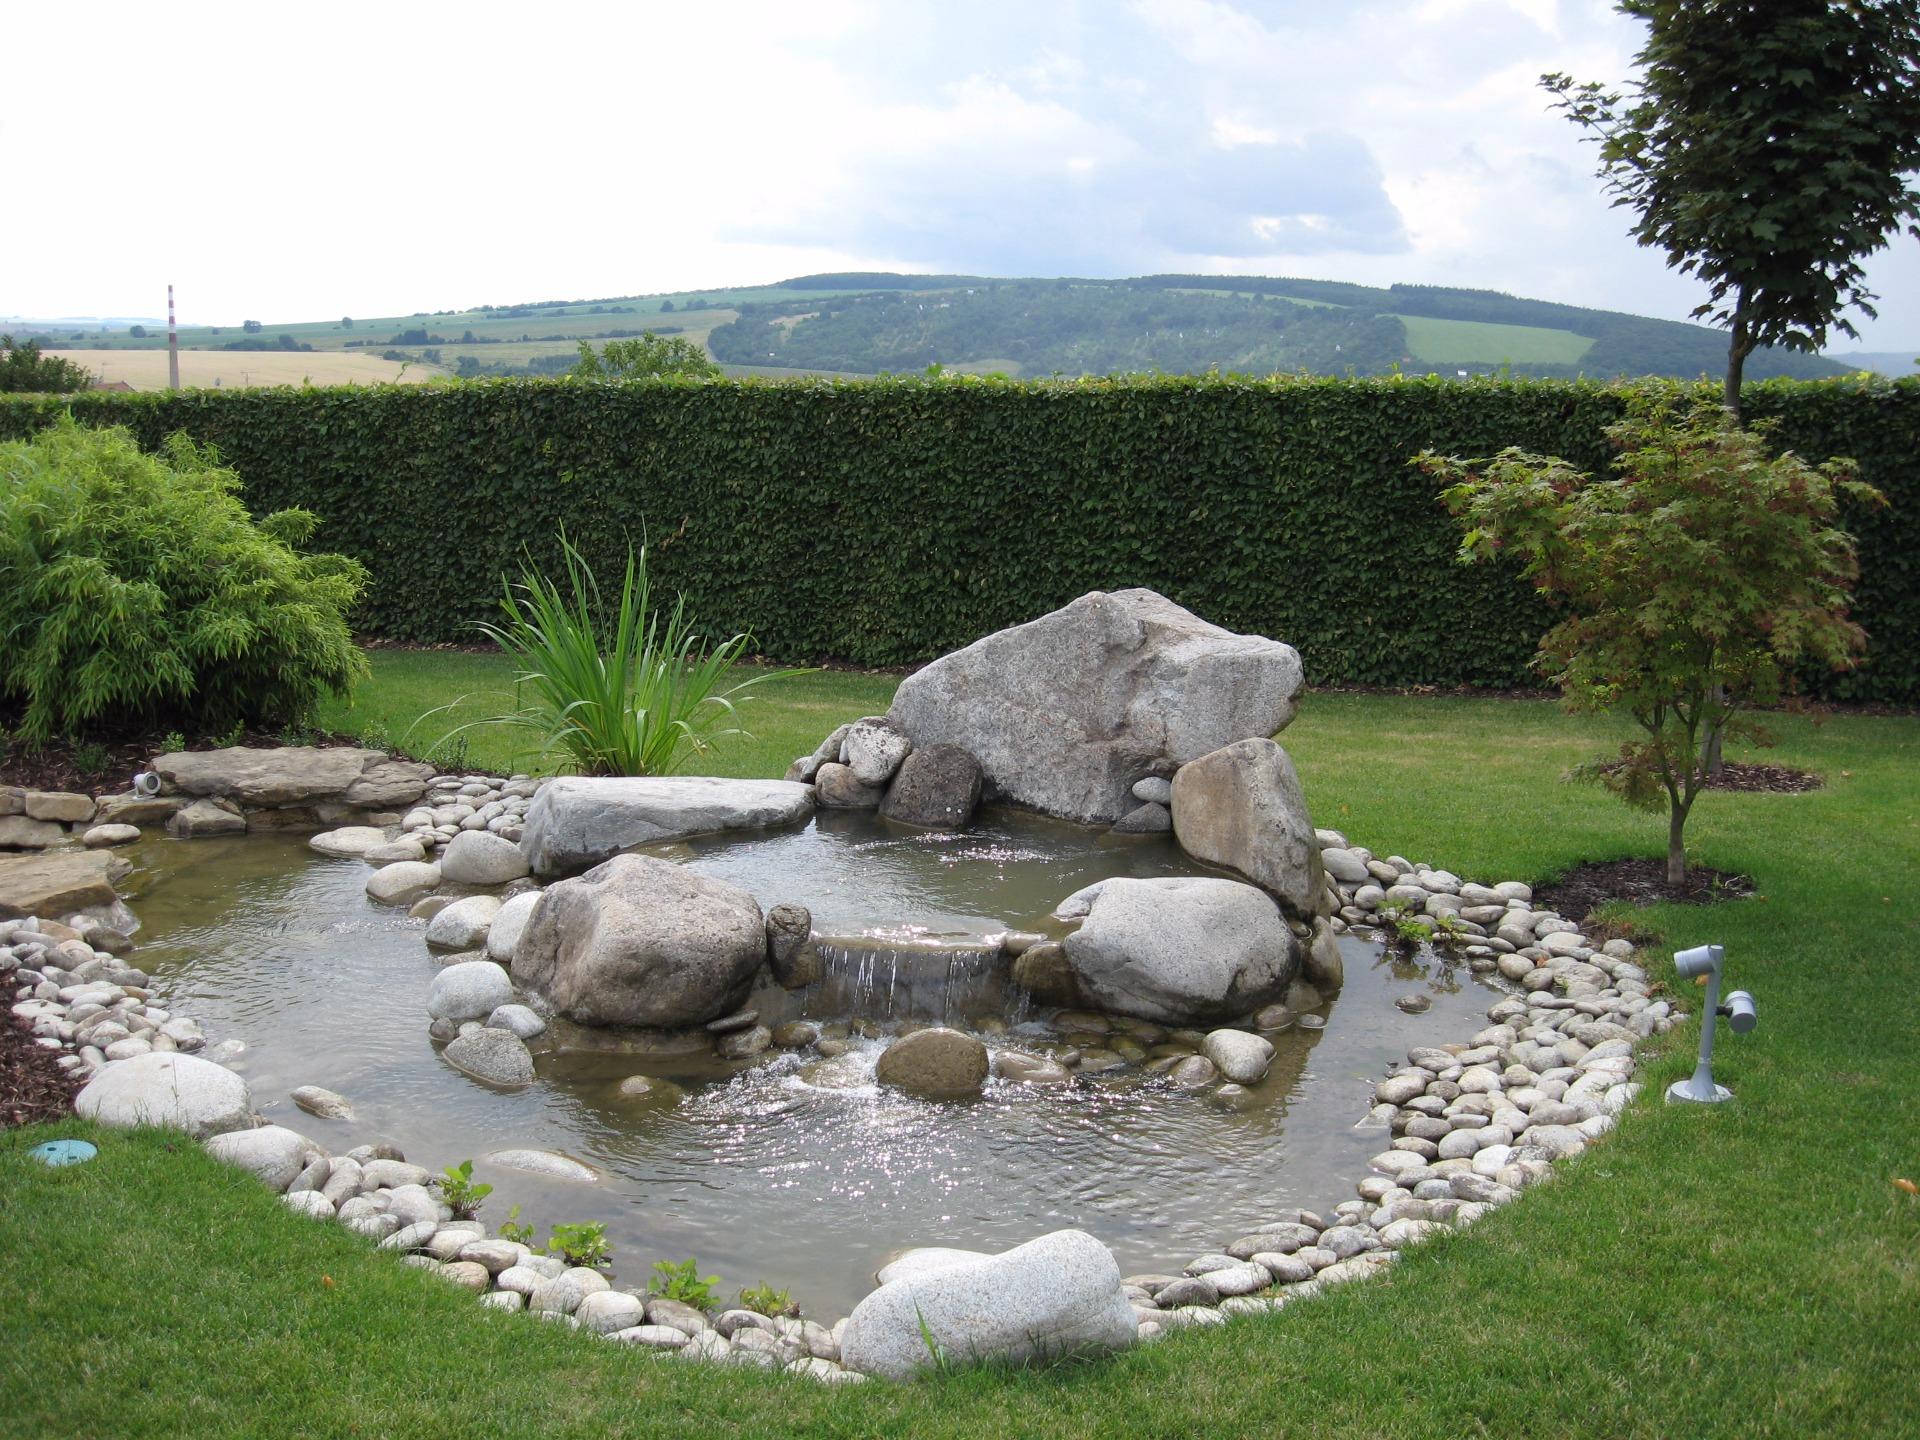 Realizace bydlení a zahrady v přírodě